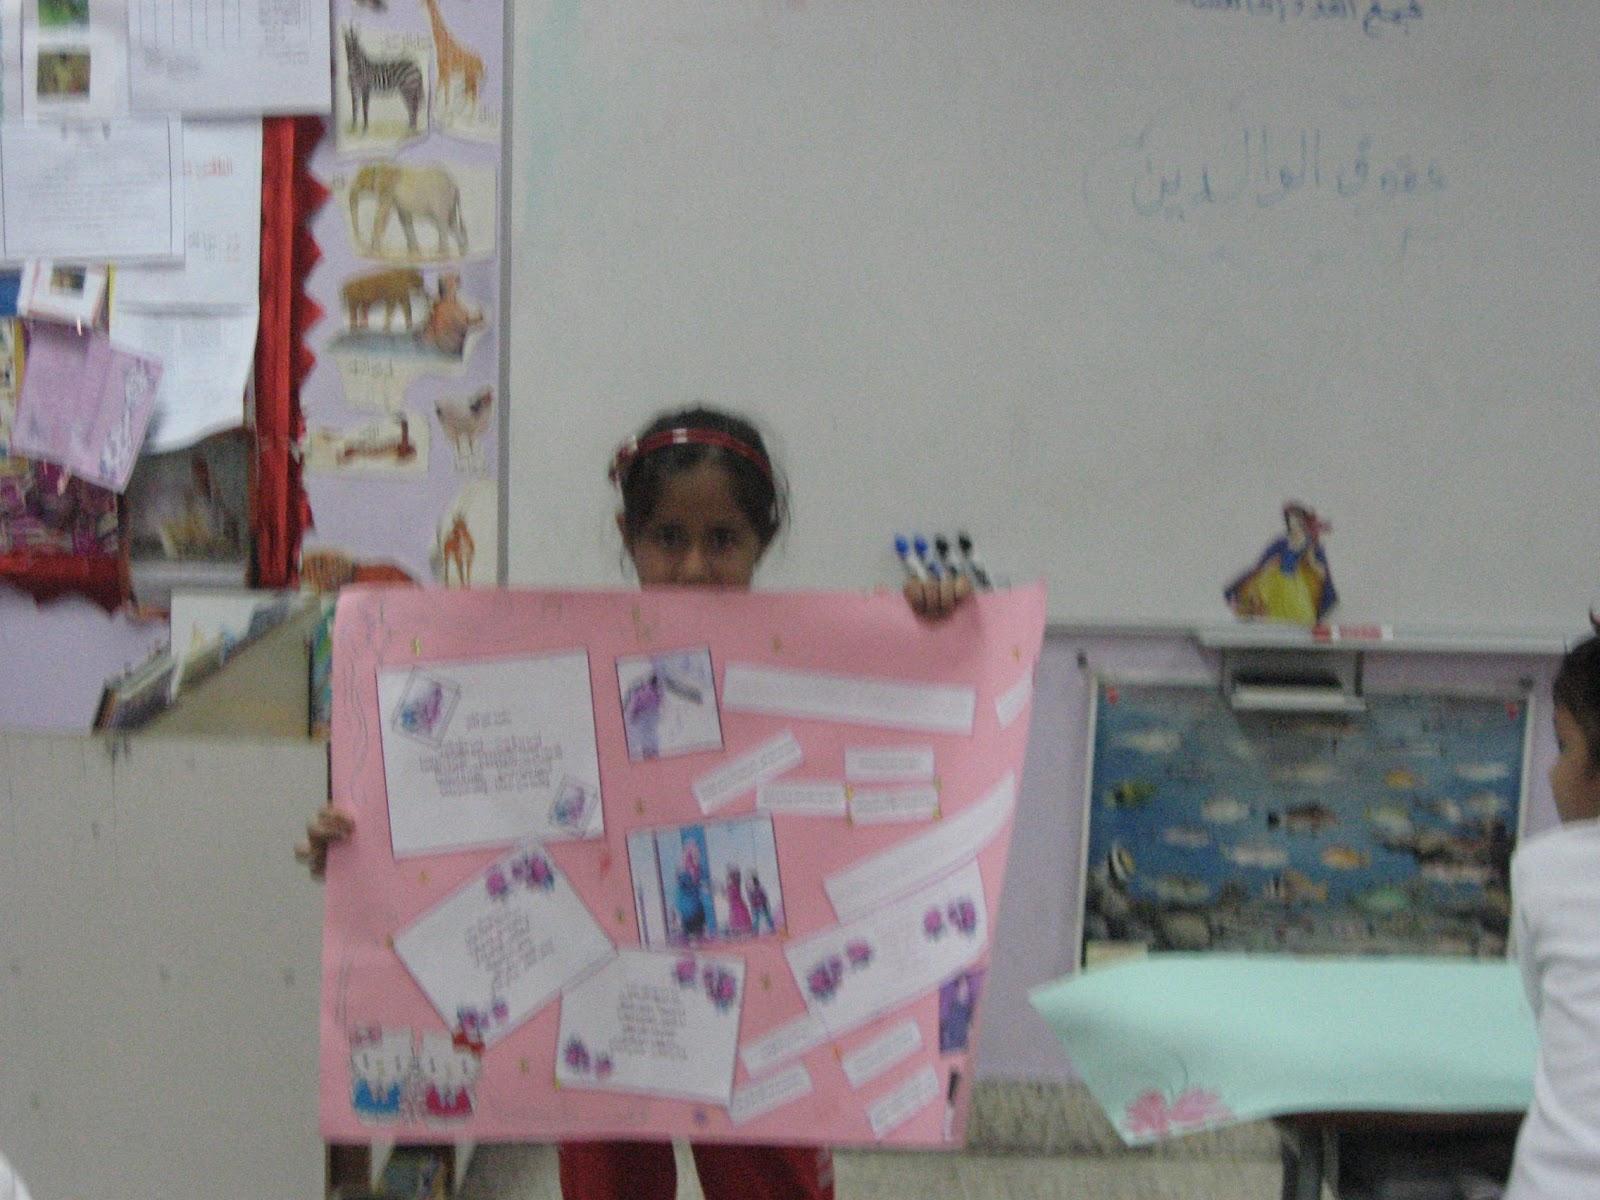 مدرسة نسيبة بنت كعب الإبتدائية للبنات